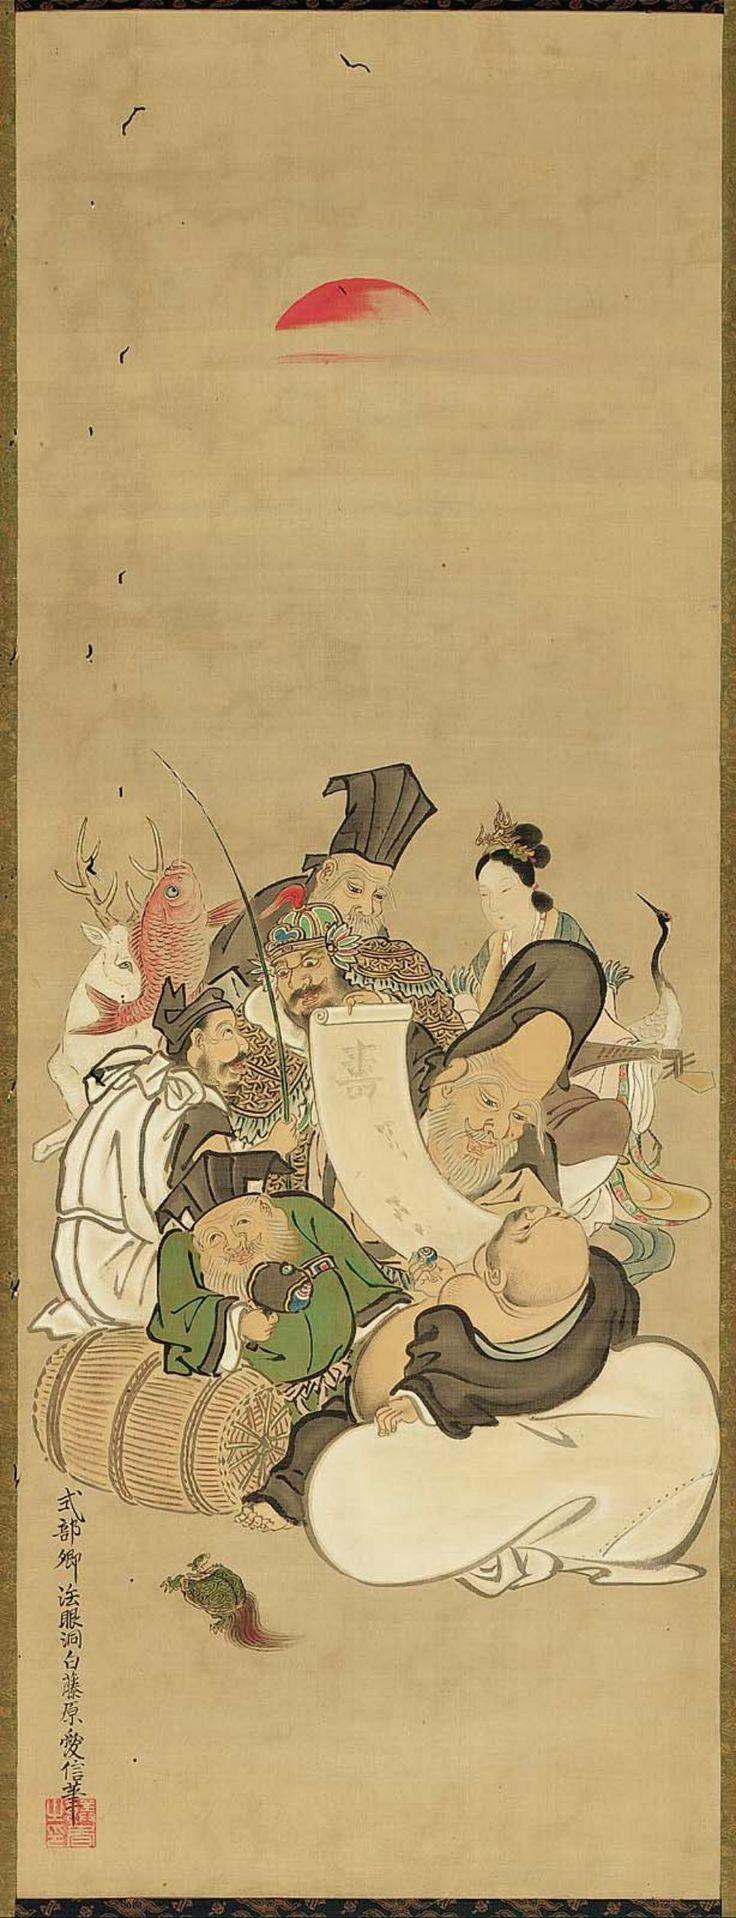 japanese mythology essay Essay on mythology essay on mythology 1 discuss the differences between pure myth, heroic saga, the folk tale, the romance, and the symbolic tale.